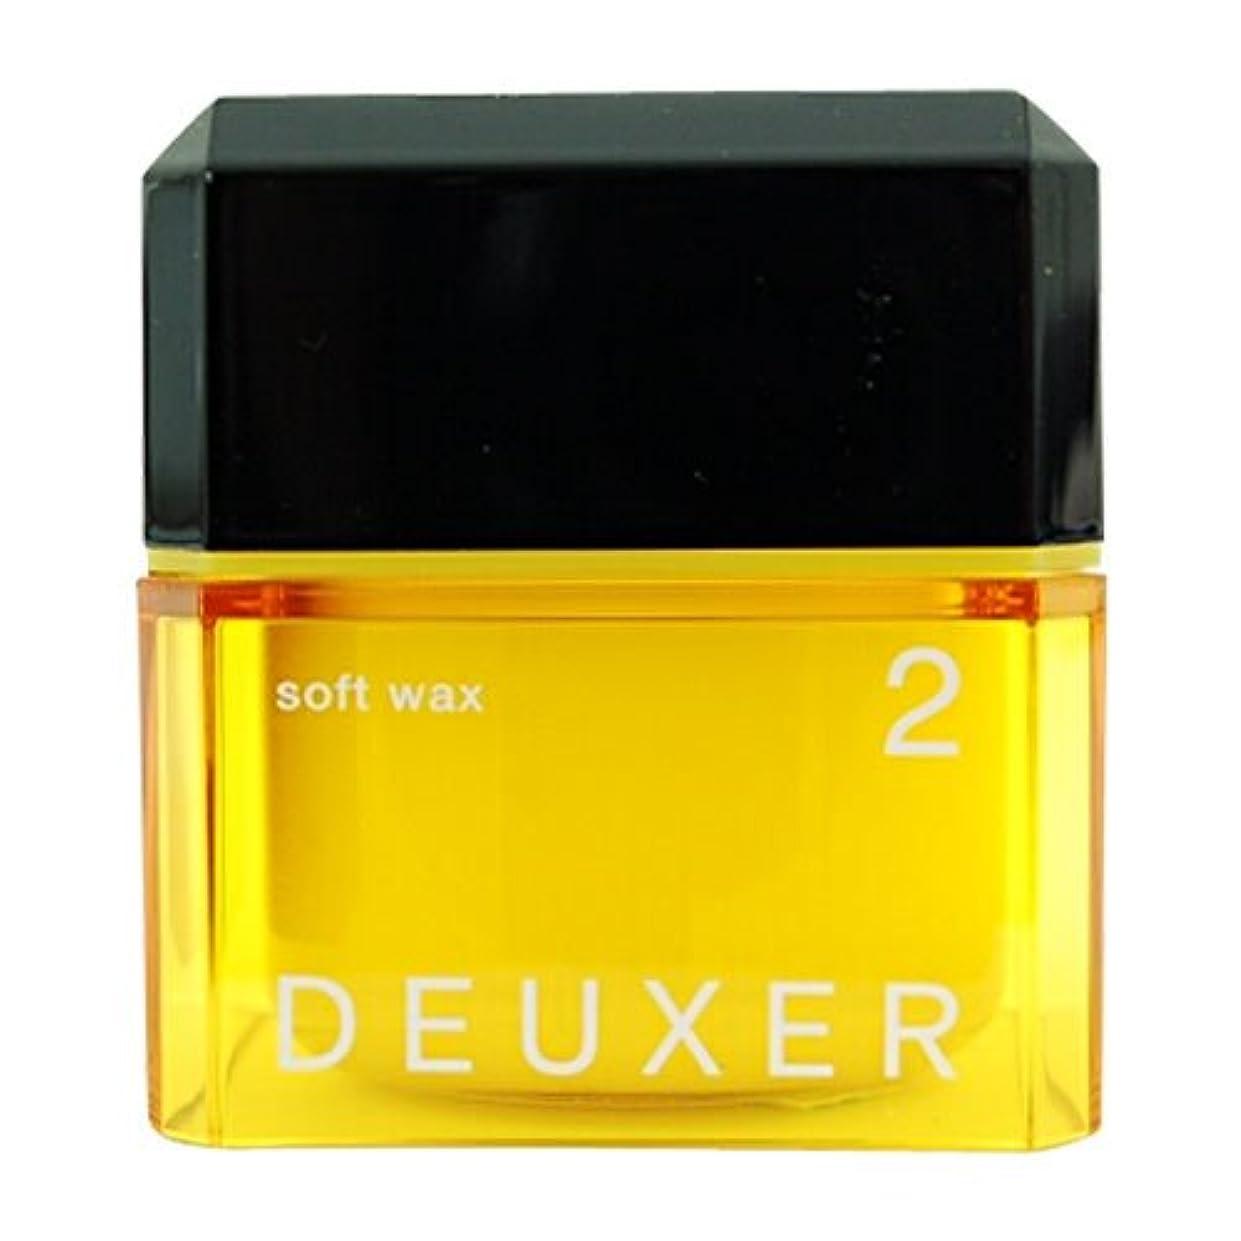 深さ技術取り戻すナンバースリー DEUXER(デューサー) ソフトワックス 2 80g